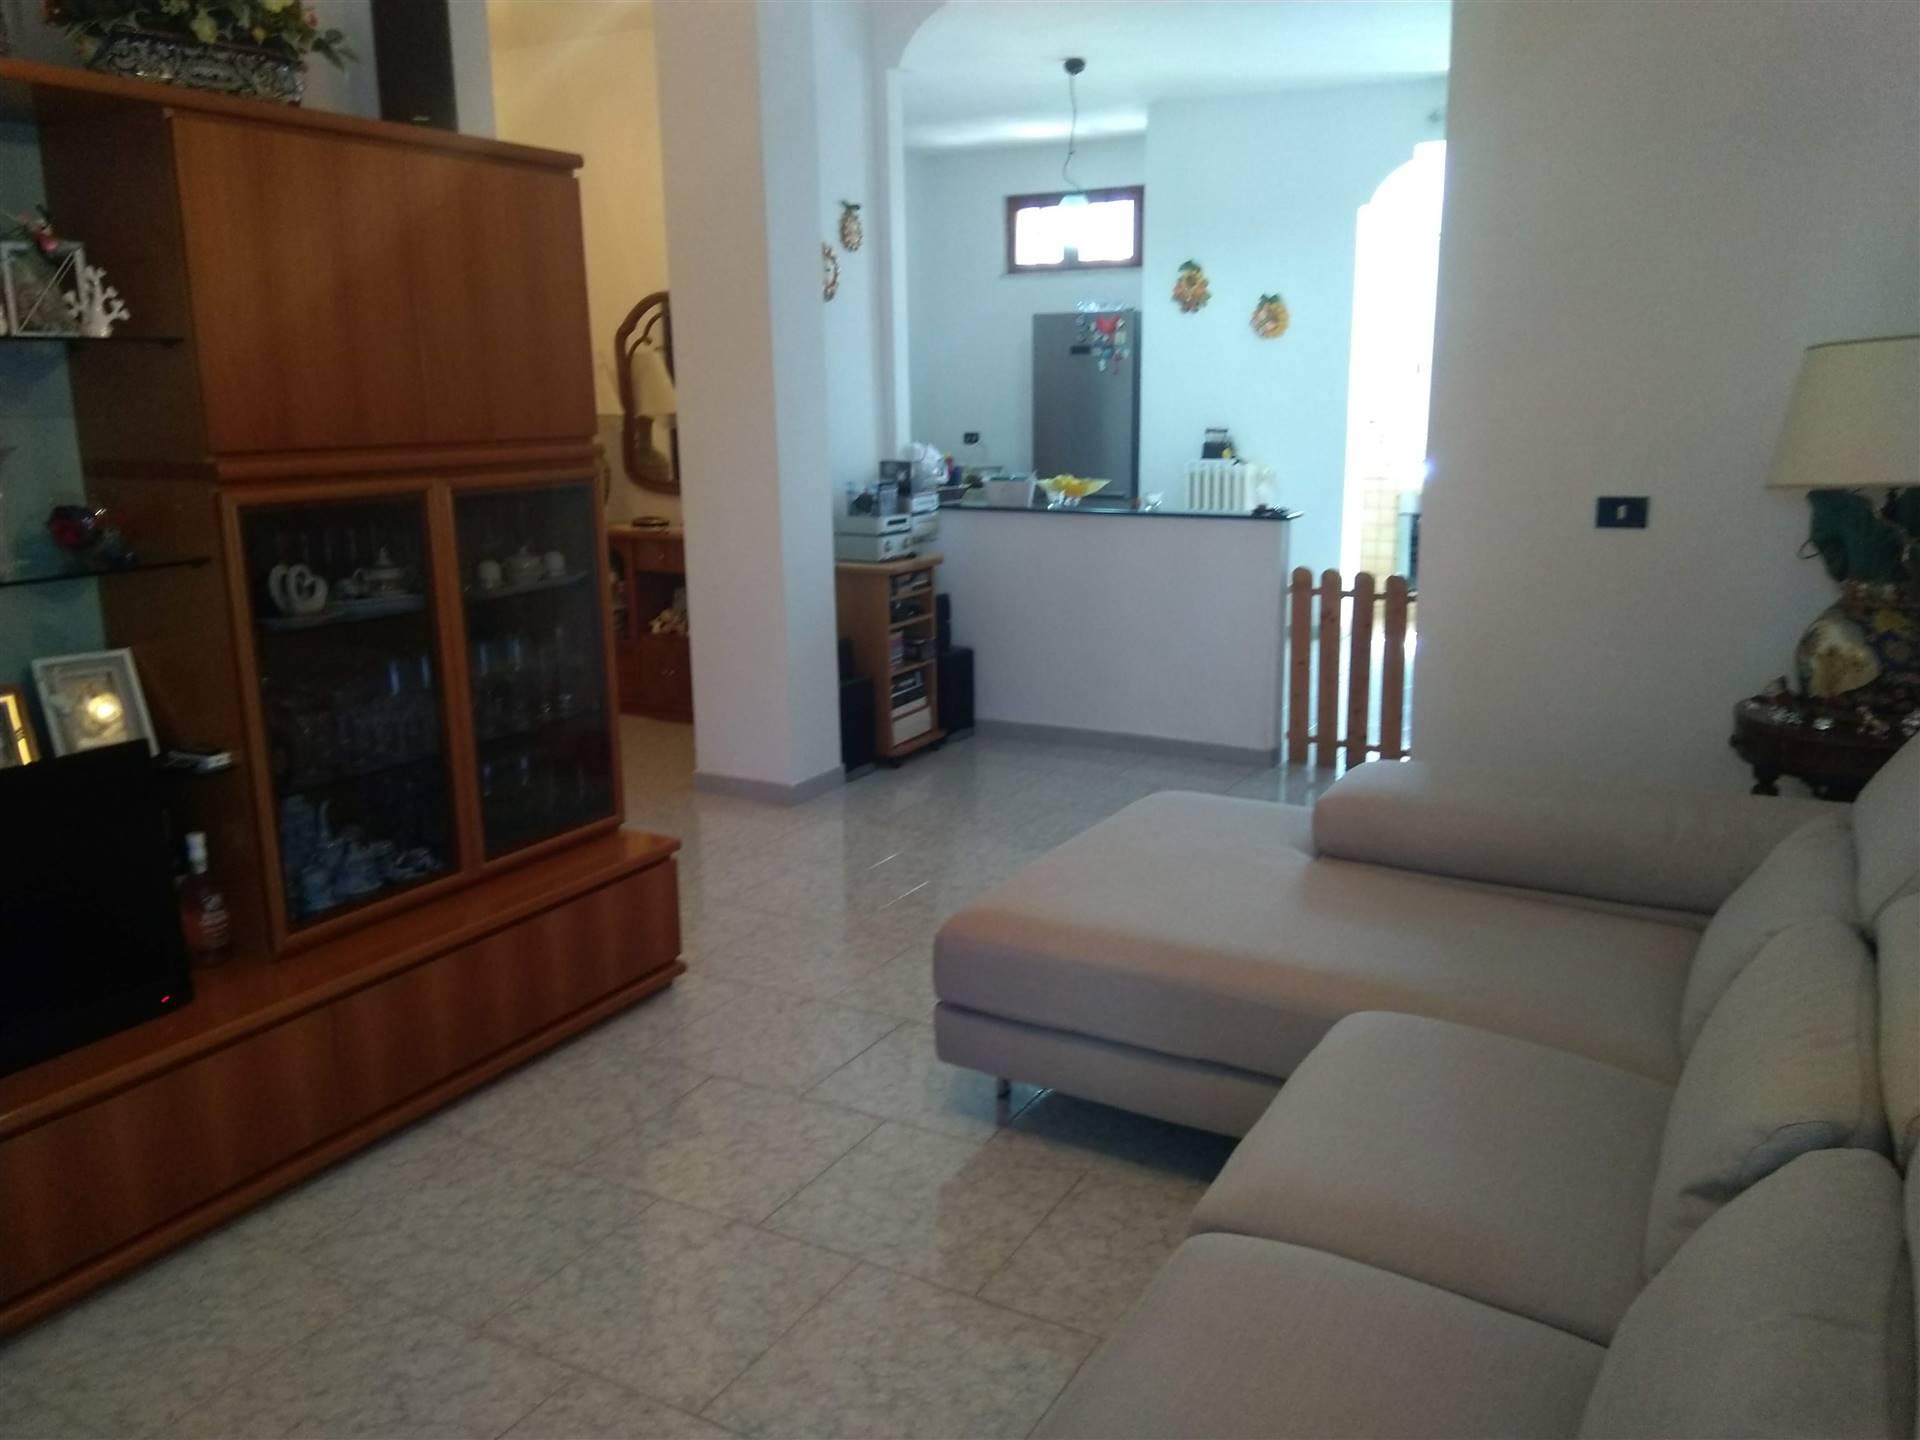 Appartamento in vendita a Brindisi, 4 locali, zona ano, prezzo € 120.000 | PortaleAgenzieImmobiliari.it